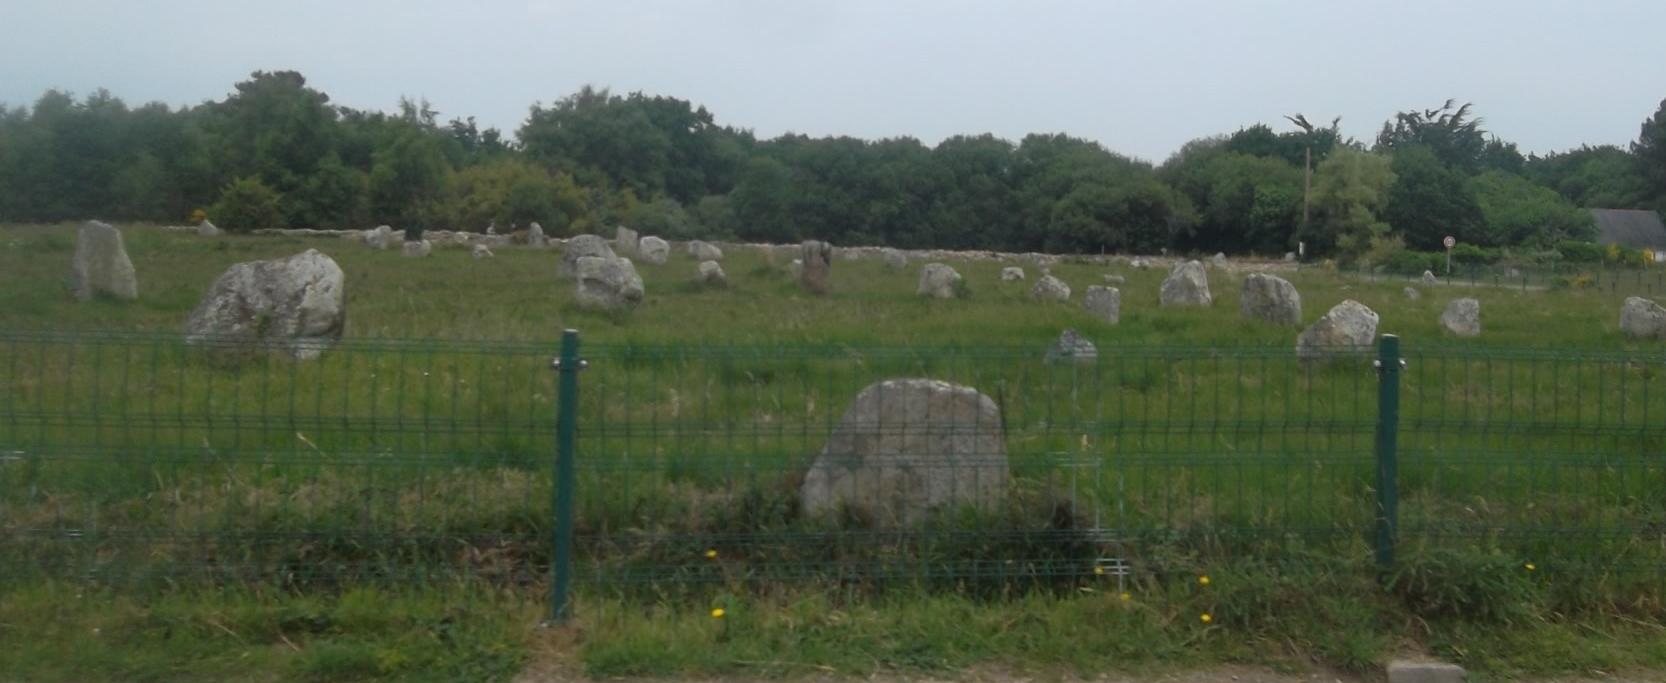 carnac-menec-stones jul12